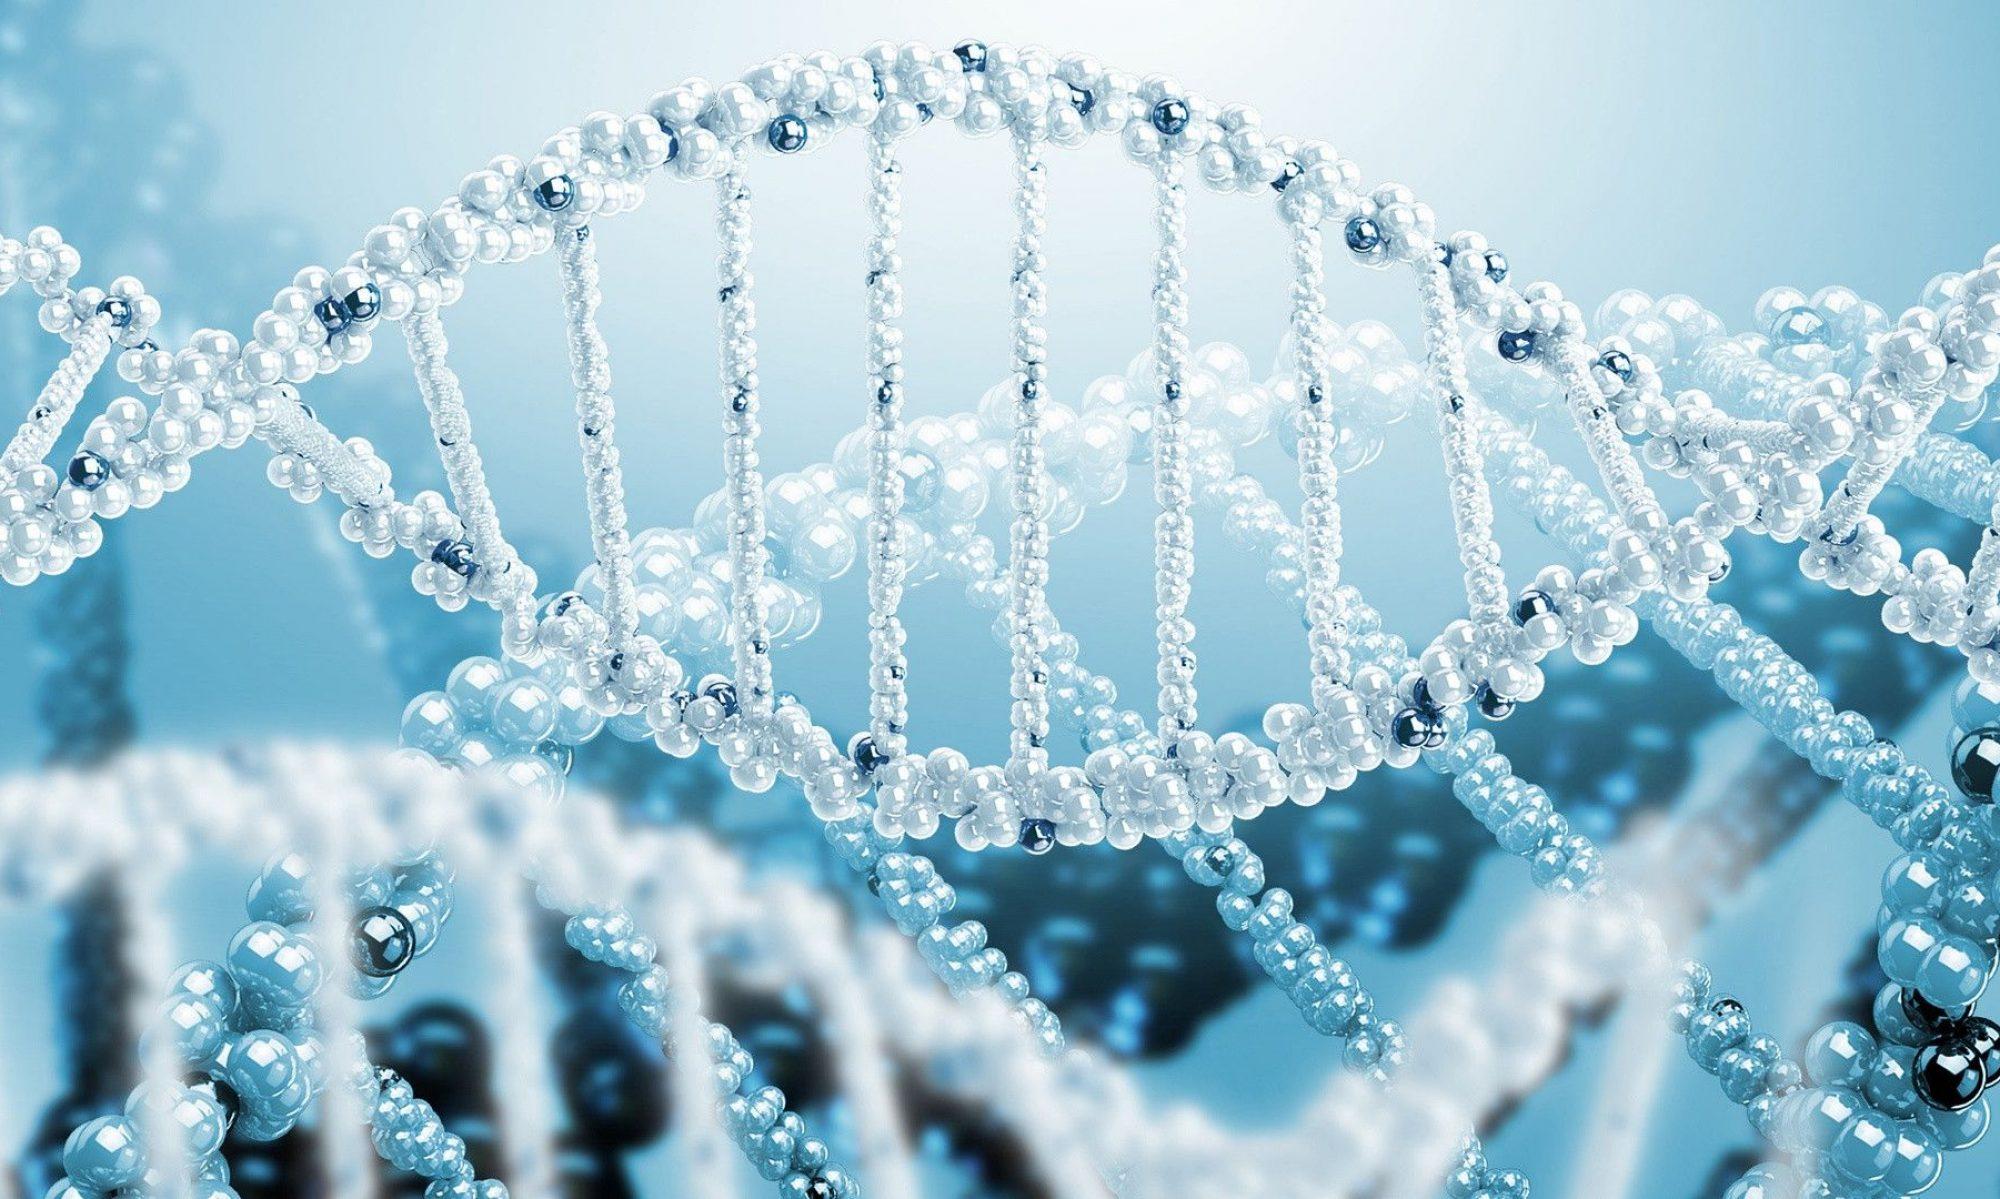 Team Zenith genome blogs